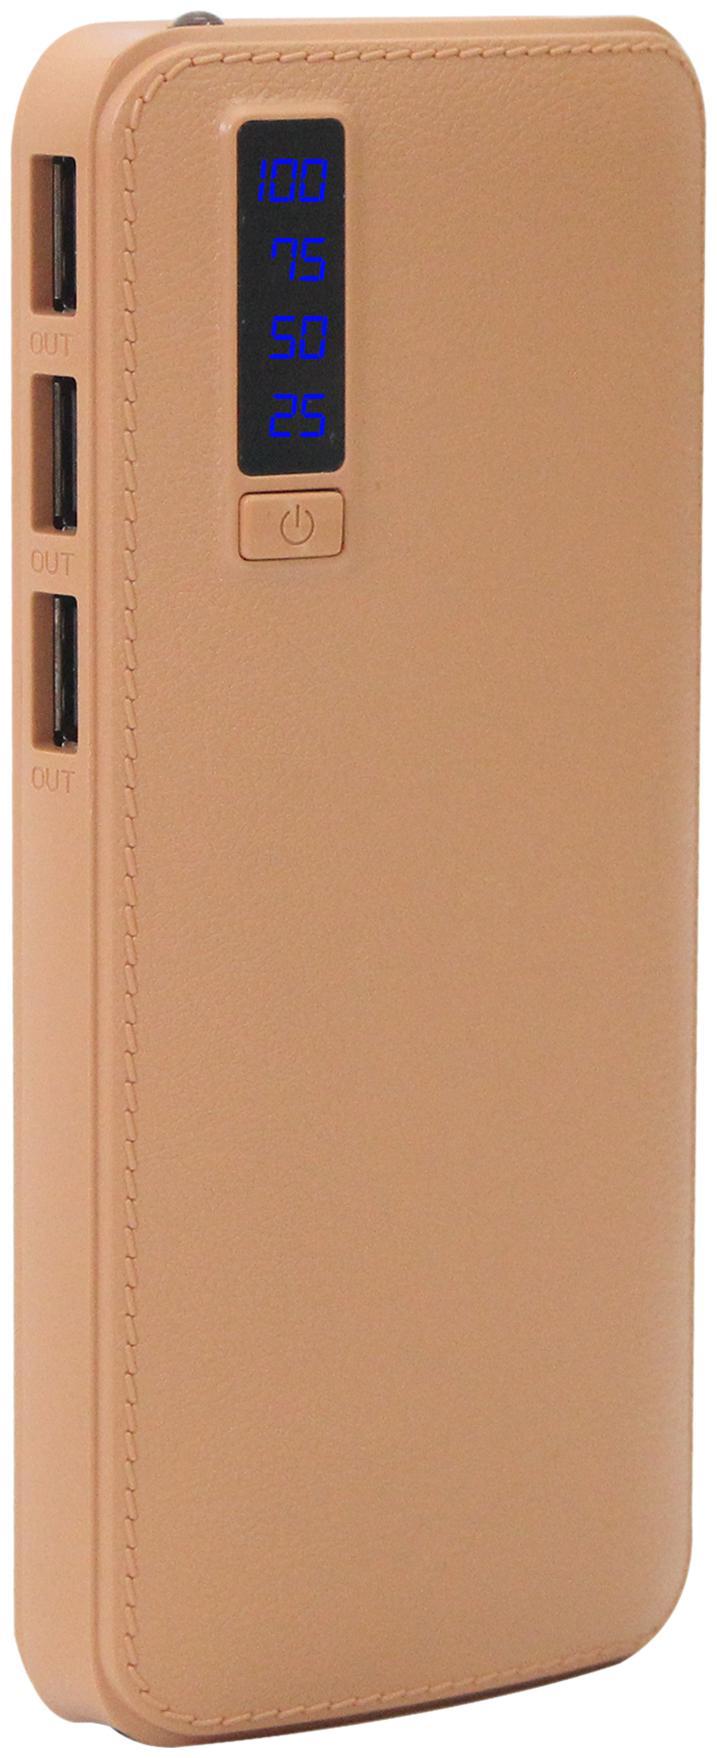 POMICS Aj Leather 15000 mAh Power Bank - Brown